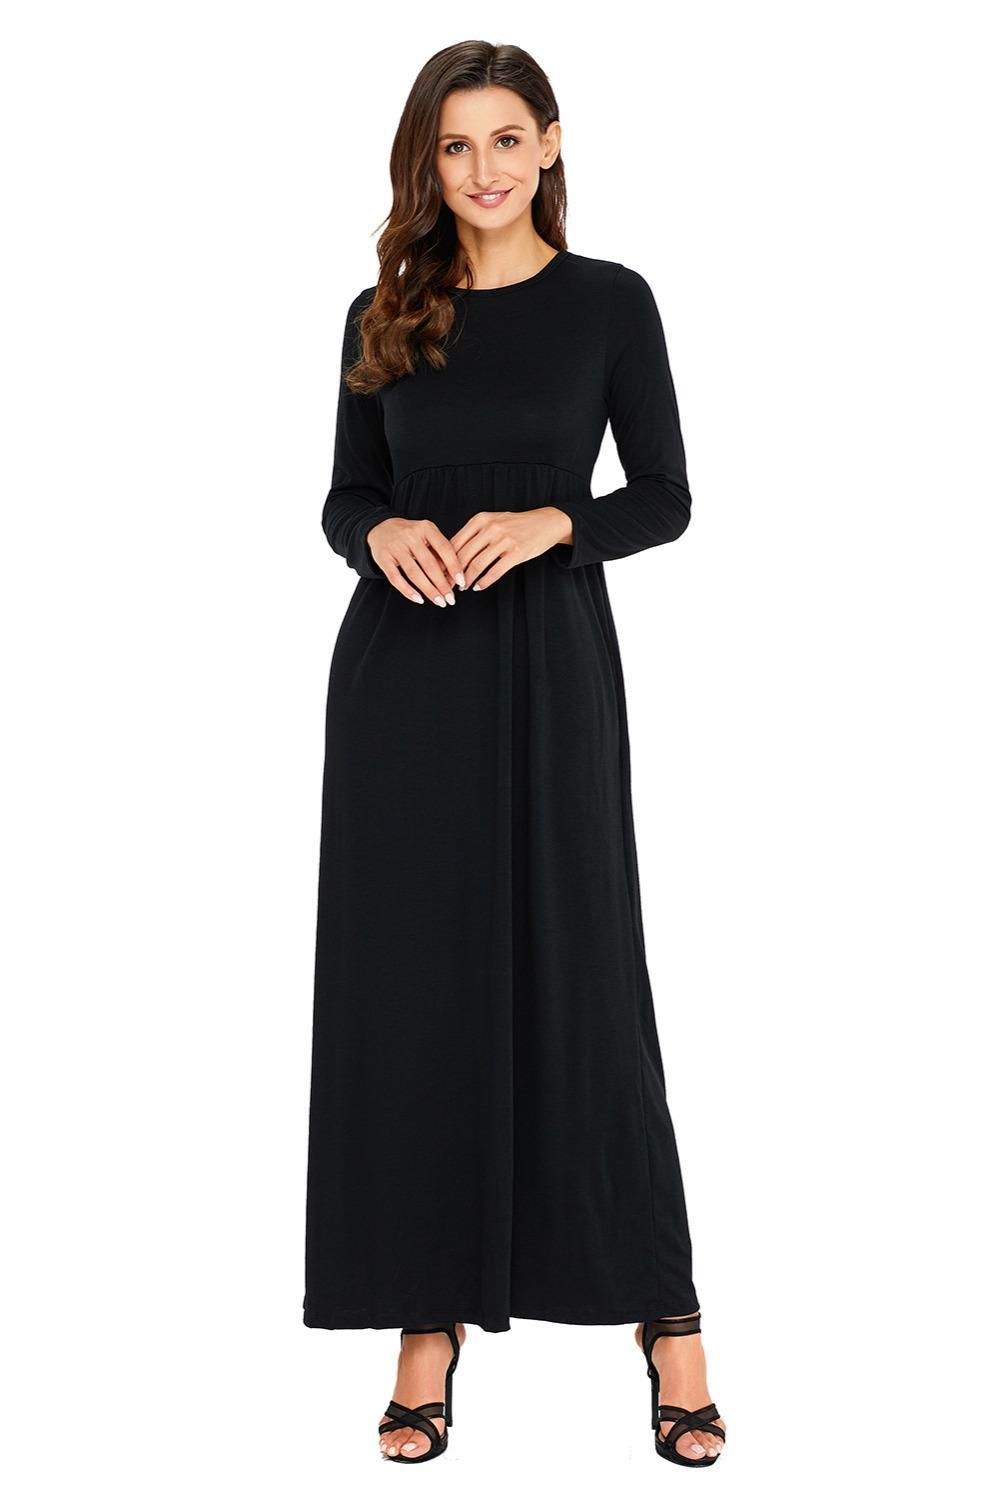 Acheter Femme Vêtements Été Automne Robes Solides Chemise De Base Tops  Casual Cocktail Manches Longues Taille Haute Maxi Jersey Robe 61708 De   61.81 Du ... ebbafb44c3d